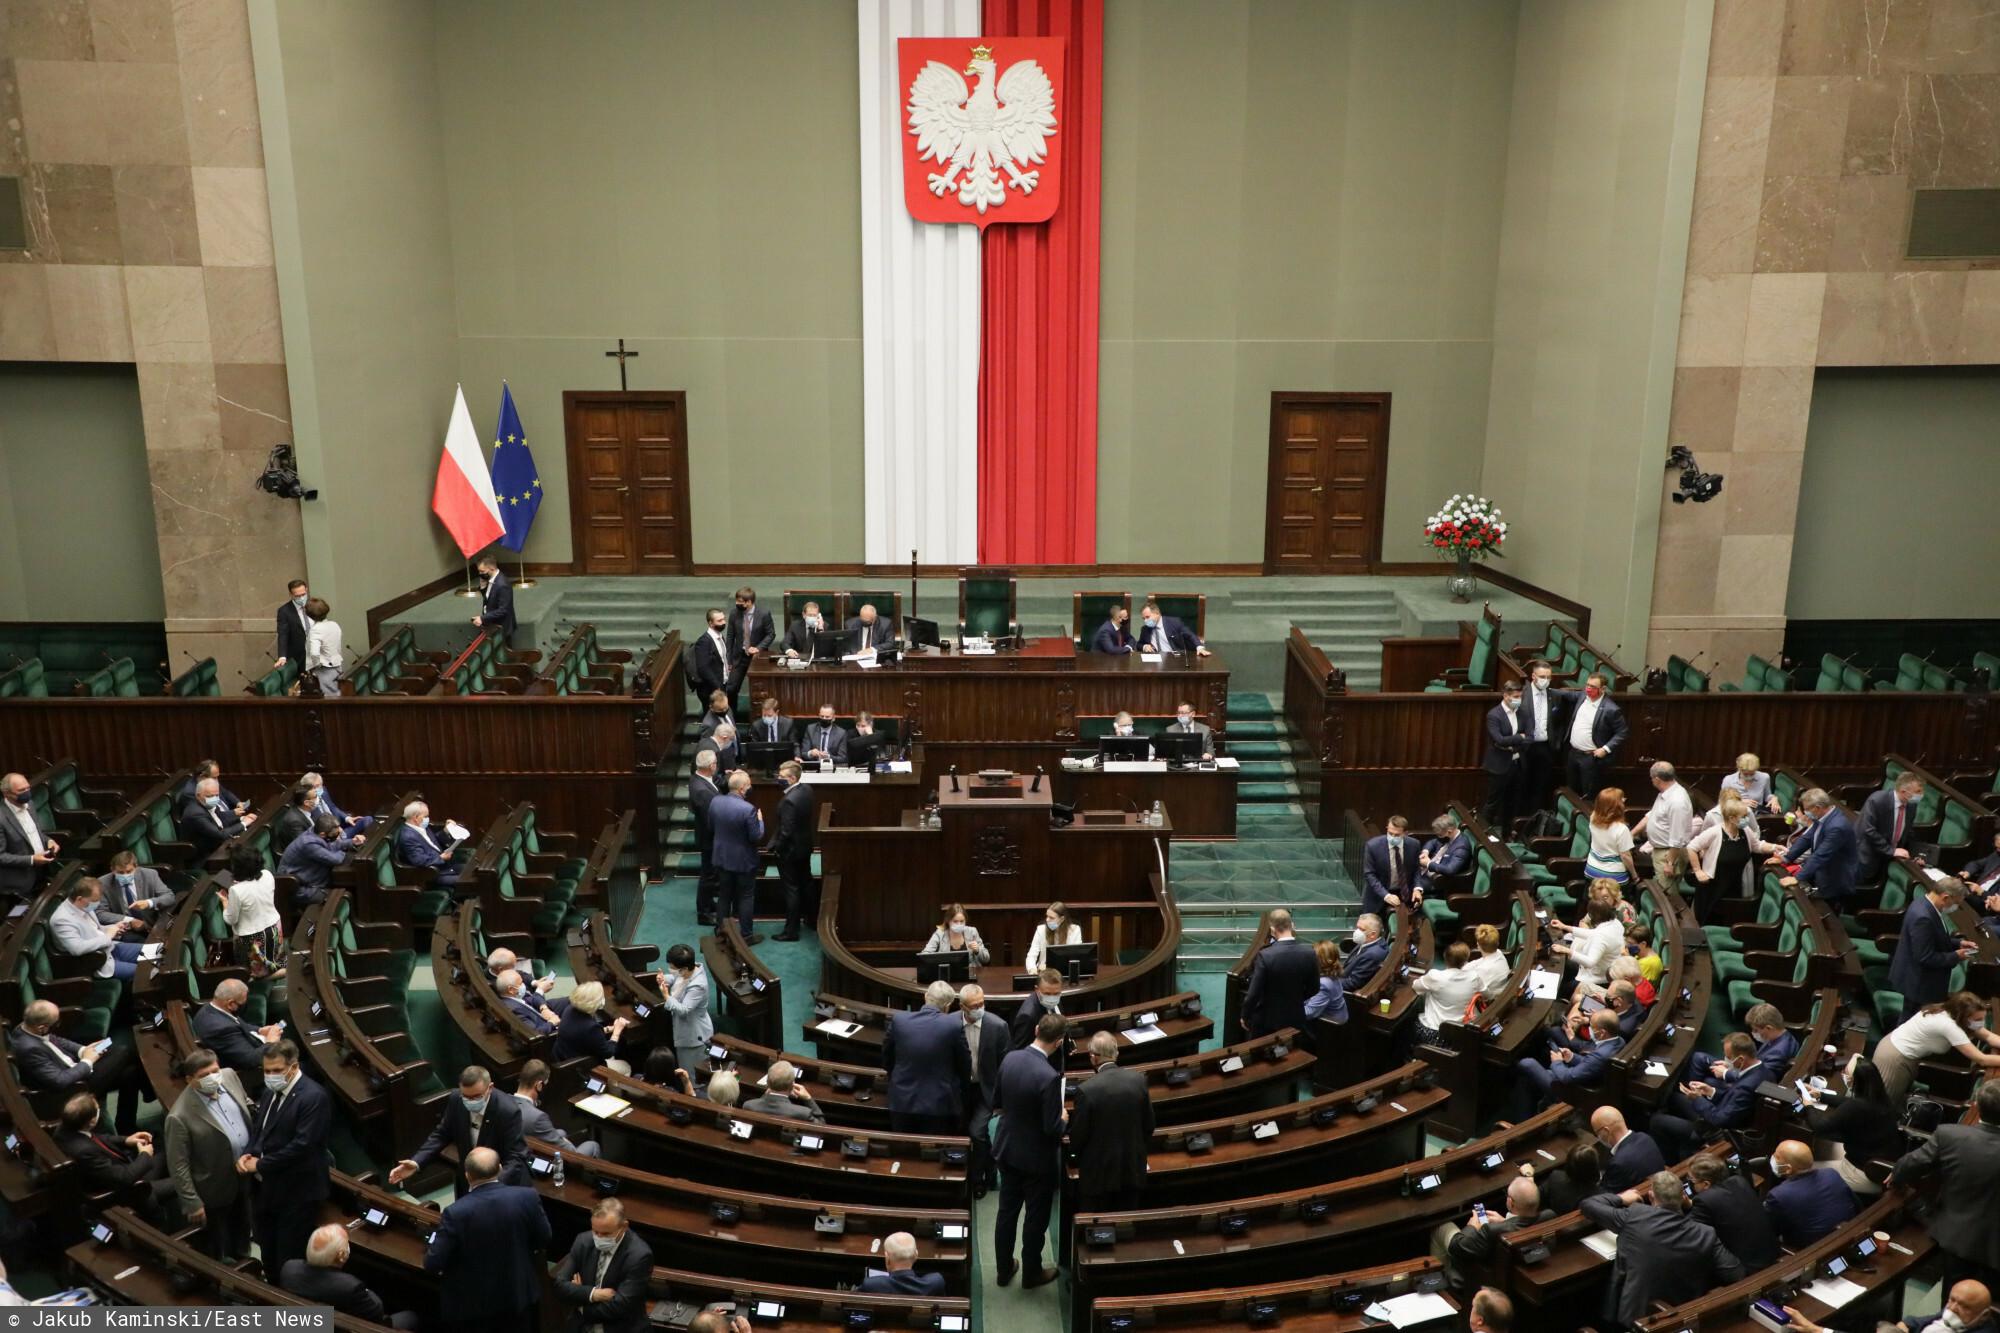 Fot. Jakub Kaminski/East News, Warszawa, 07.07.2021. 34. posiedzenie Sejmu IX kadencji.